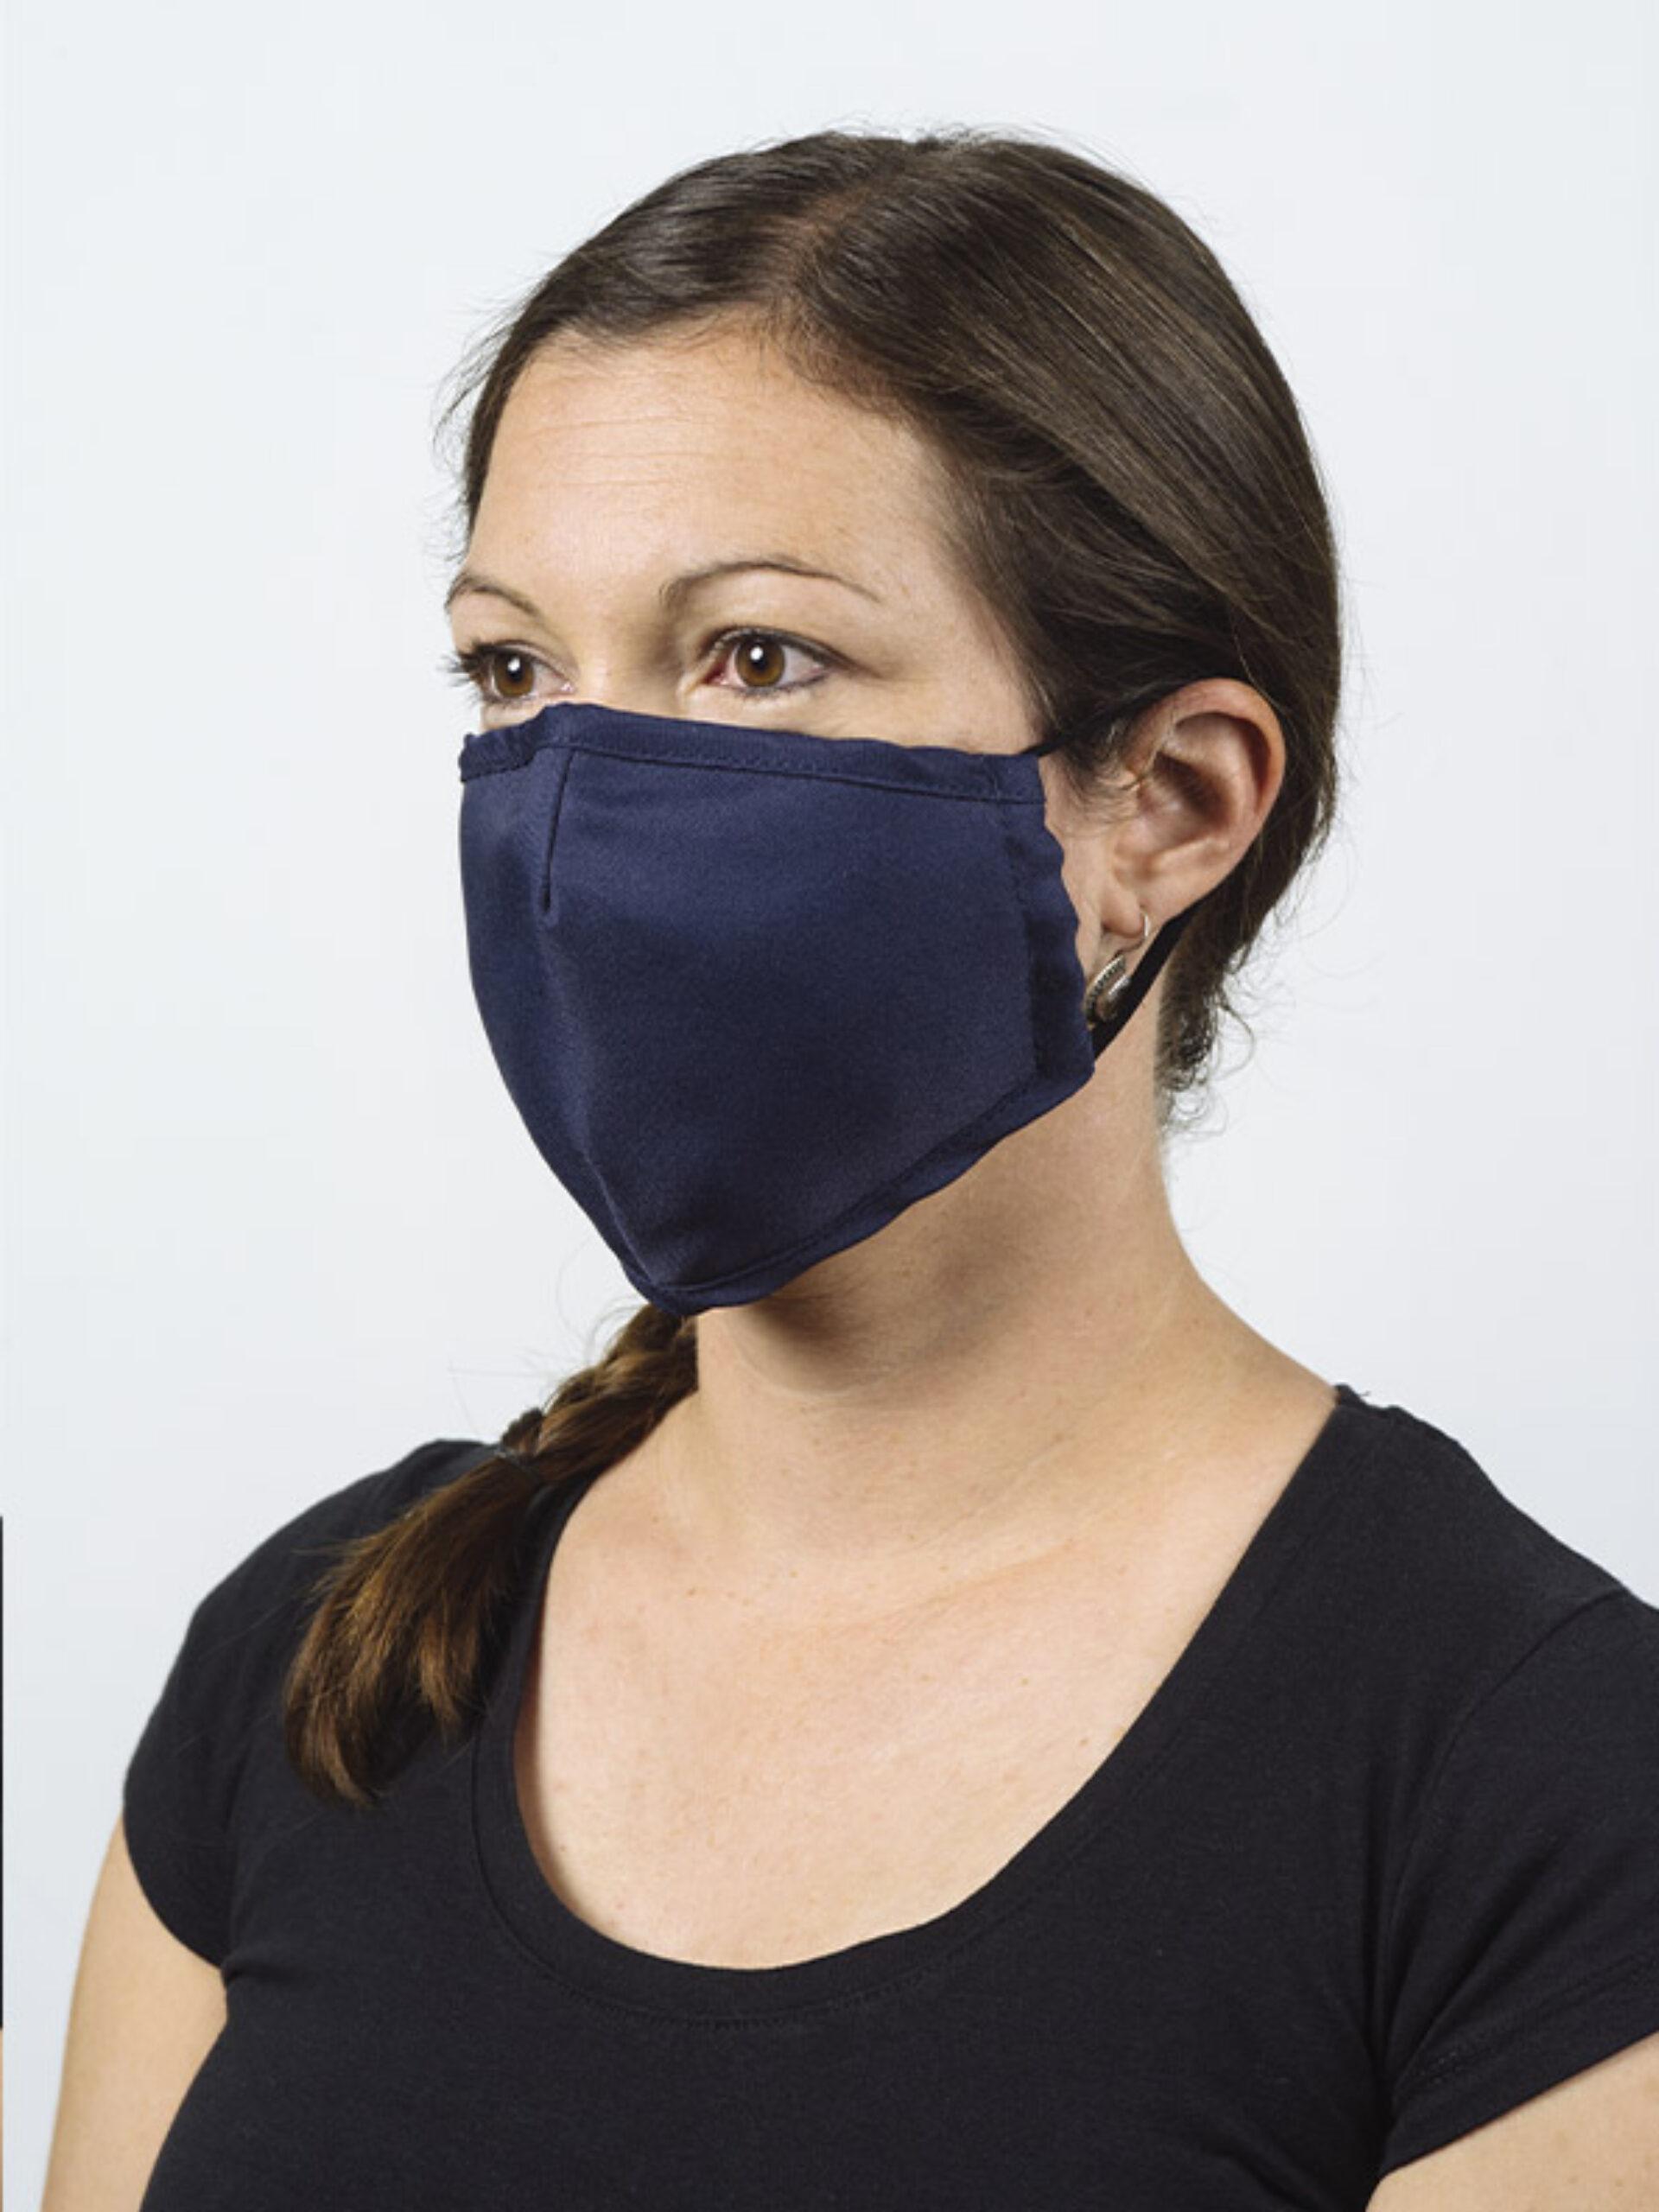 Community Maske Schutzmaske Mit Wechselfilter Blau Navy Bestellen Model